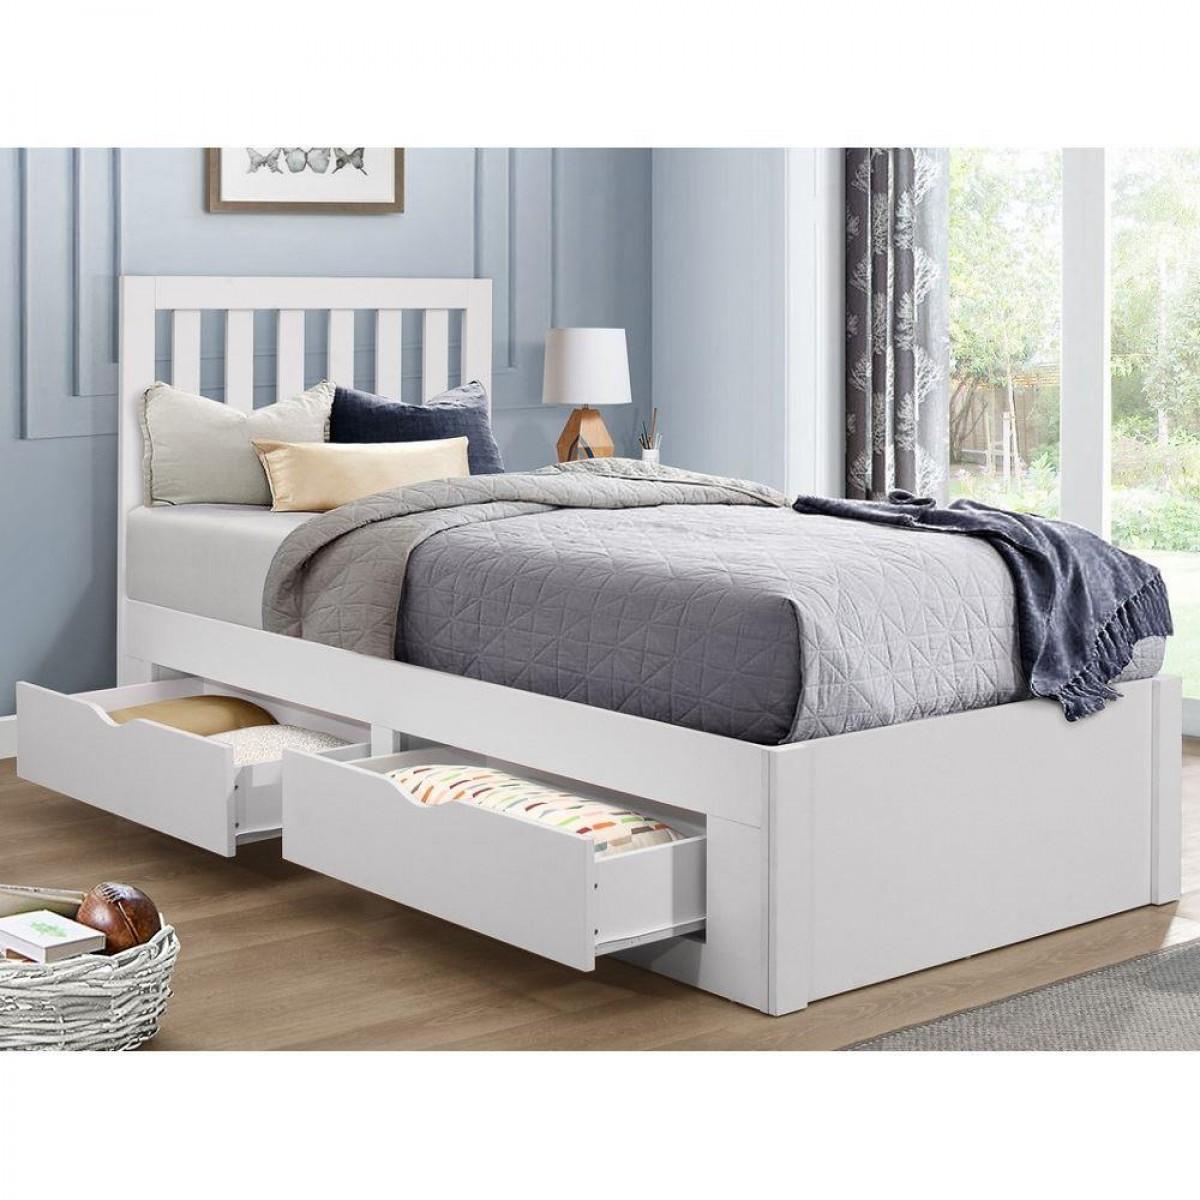 Appleby White Wooden 4 Drawer Storage Bed